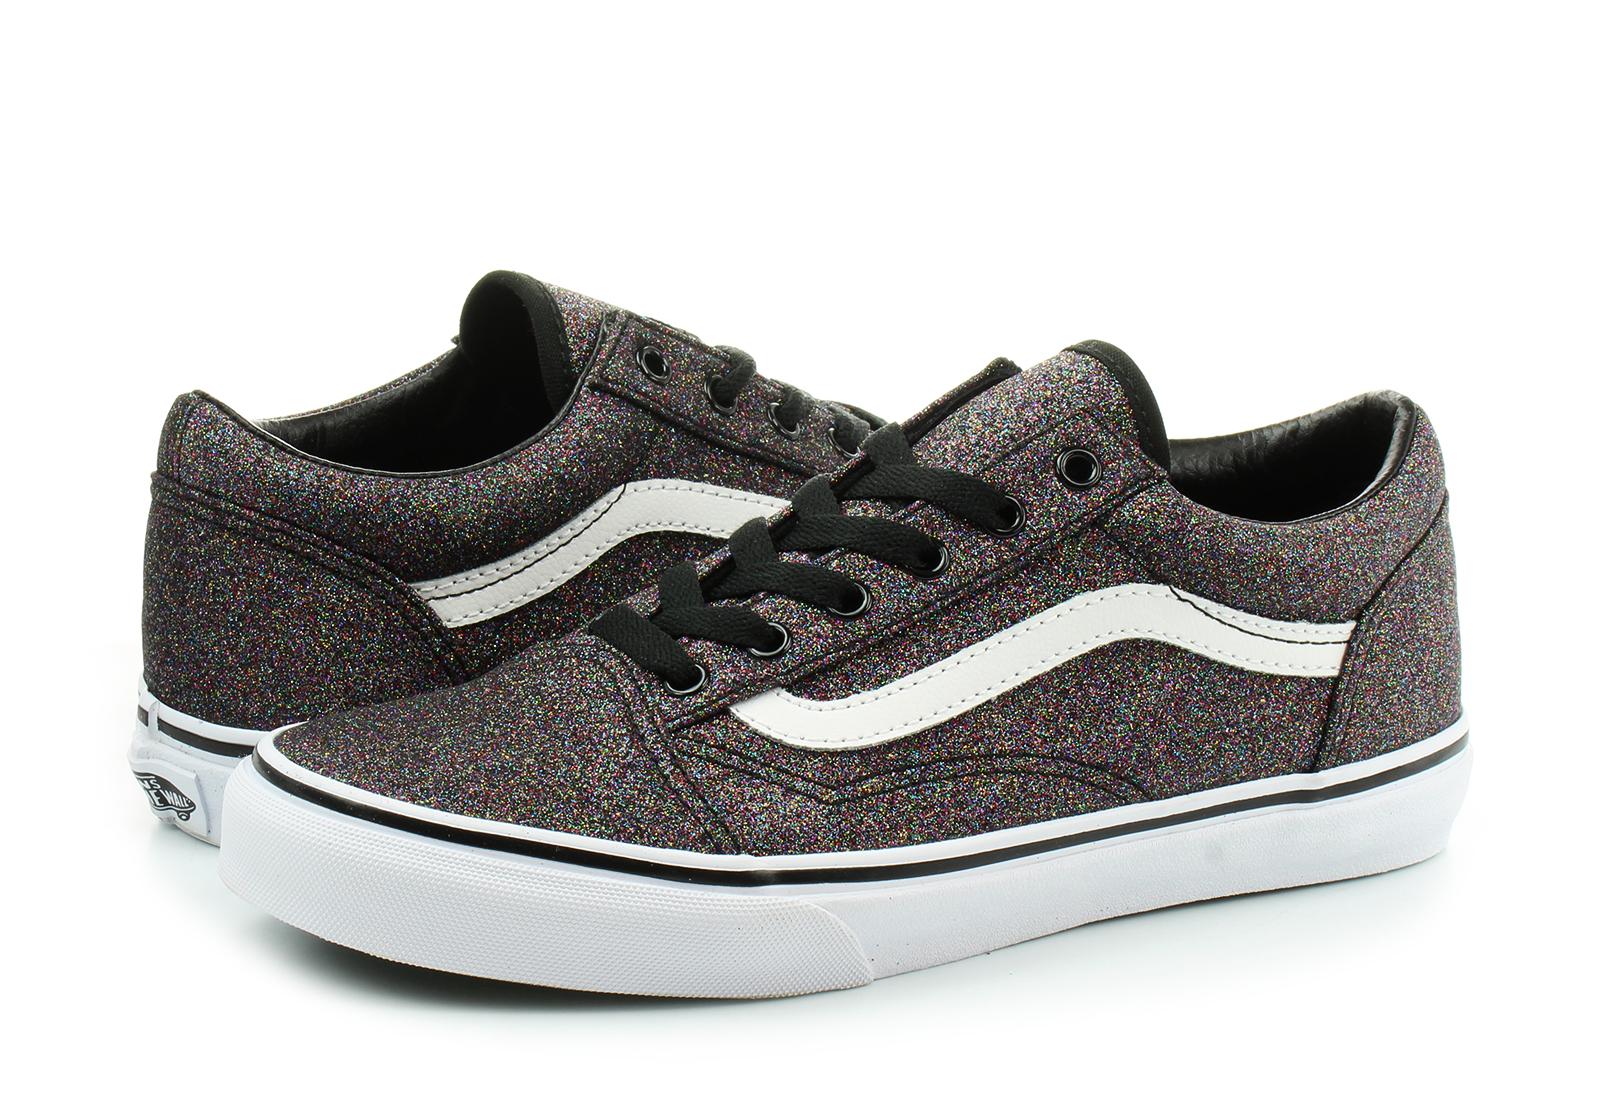 Vans Tornacipő - Old Skool K - VA38HBQ7E - Office Shoes Magyarország 930c6251a2